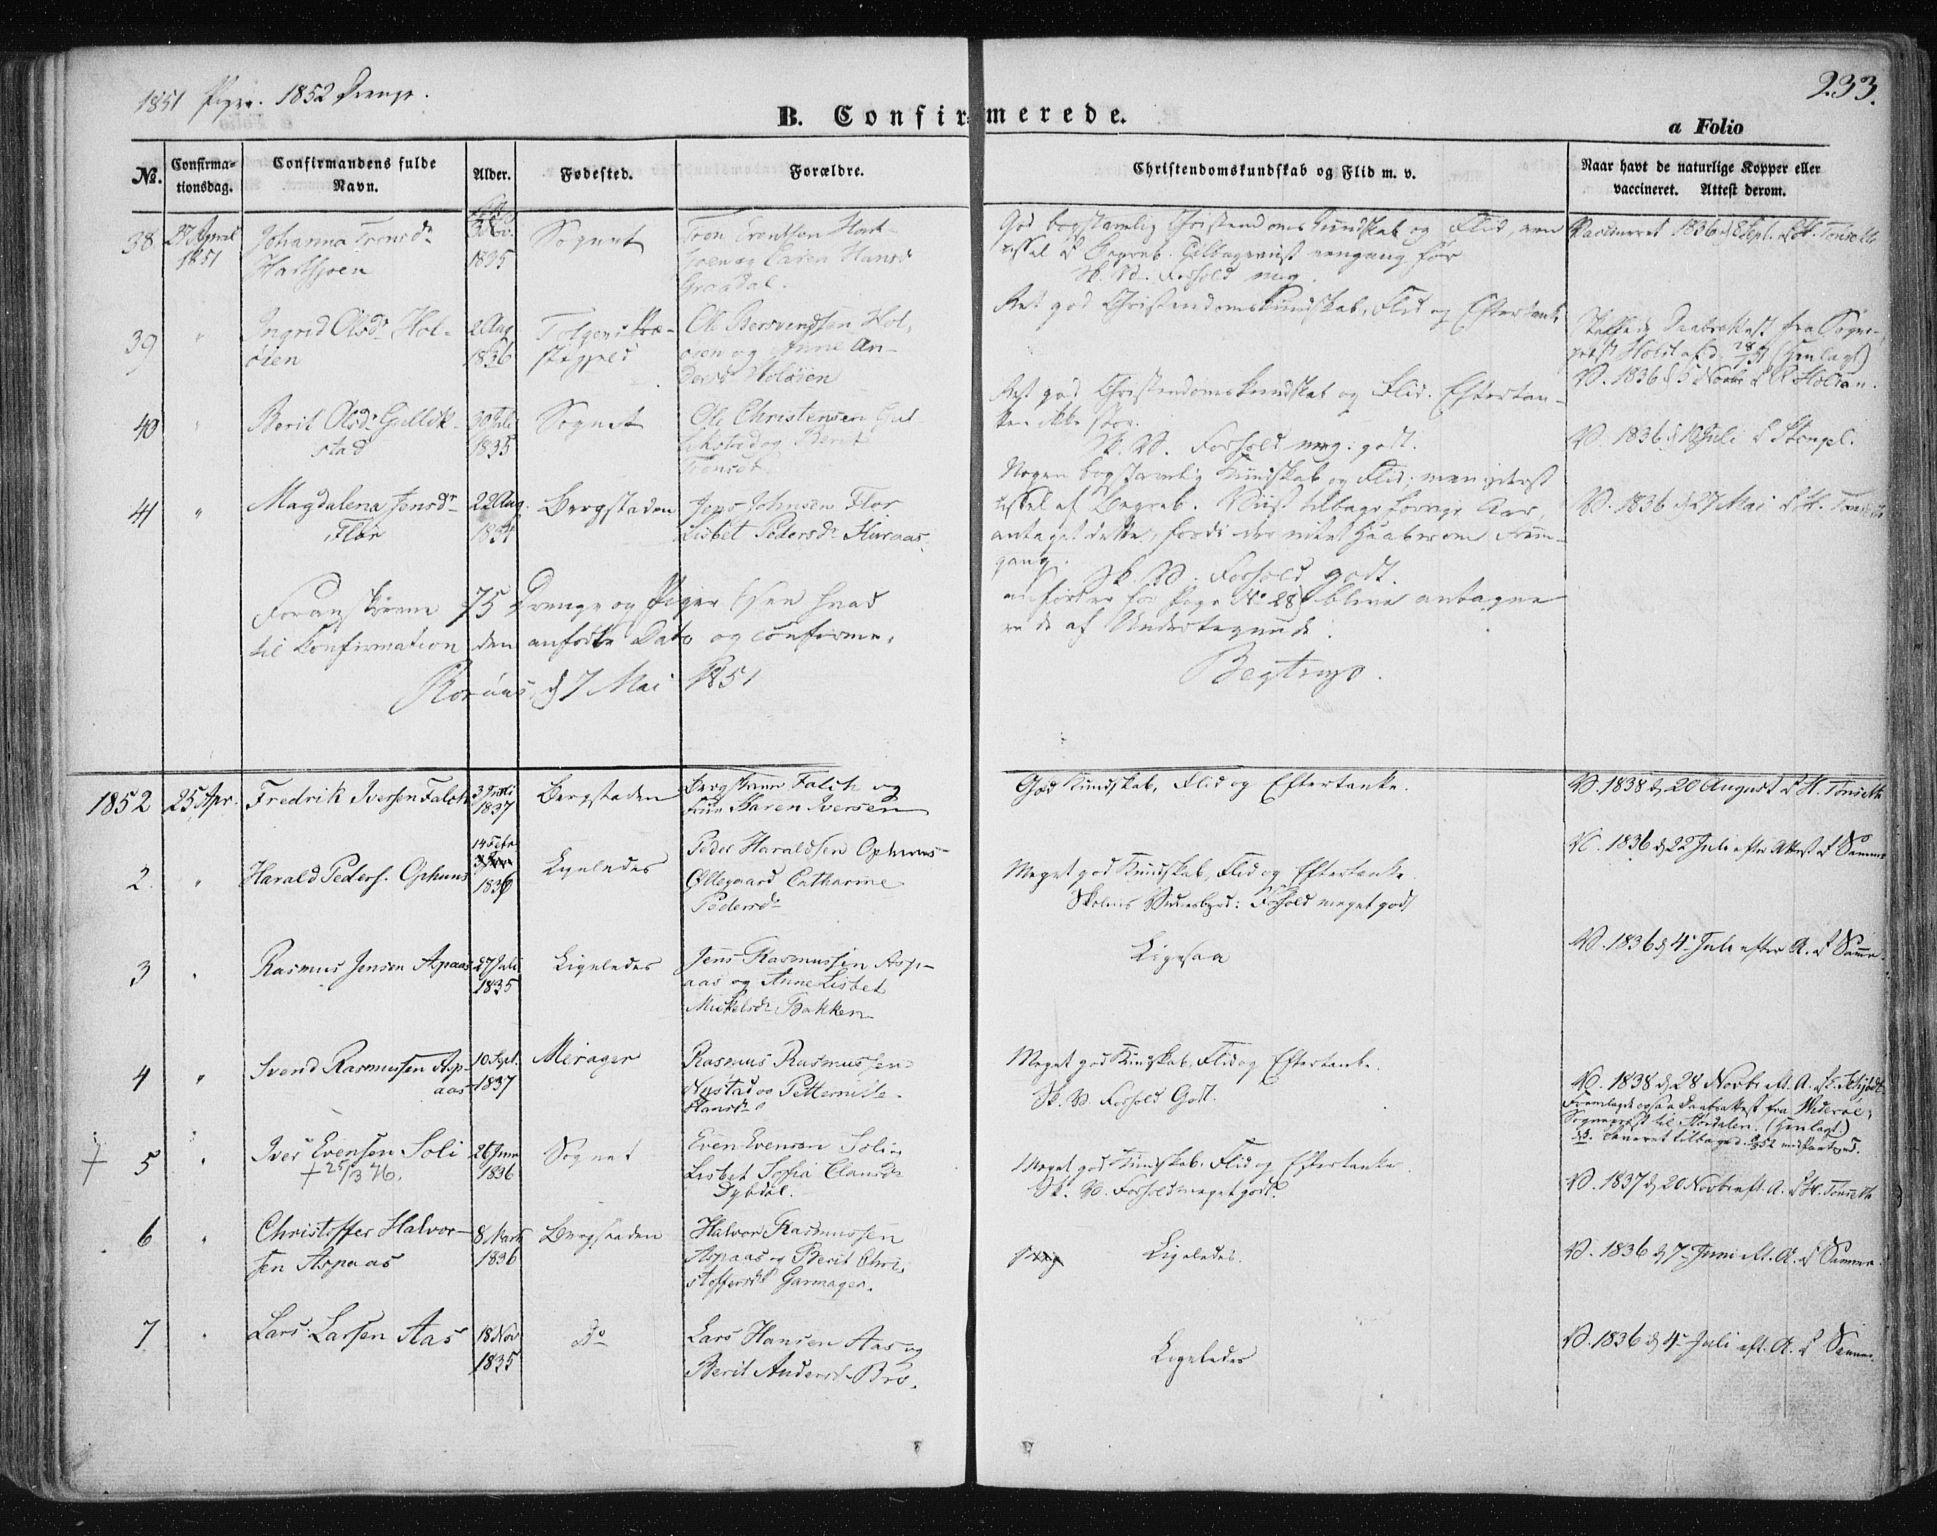 SAT, Ministerialprotokoller, klokkerbøker og fødselsregistre - Sør-Trøndelag, 681/L0931: Ministerialbok nr. 681A09, 1845-1859, s. 233